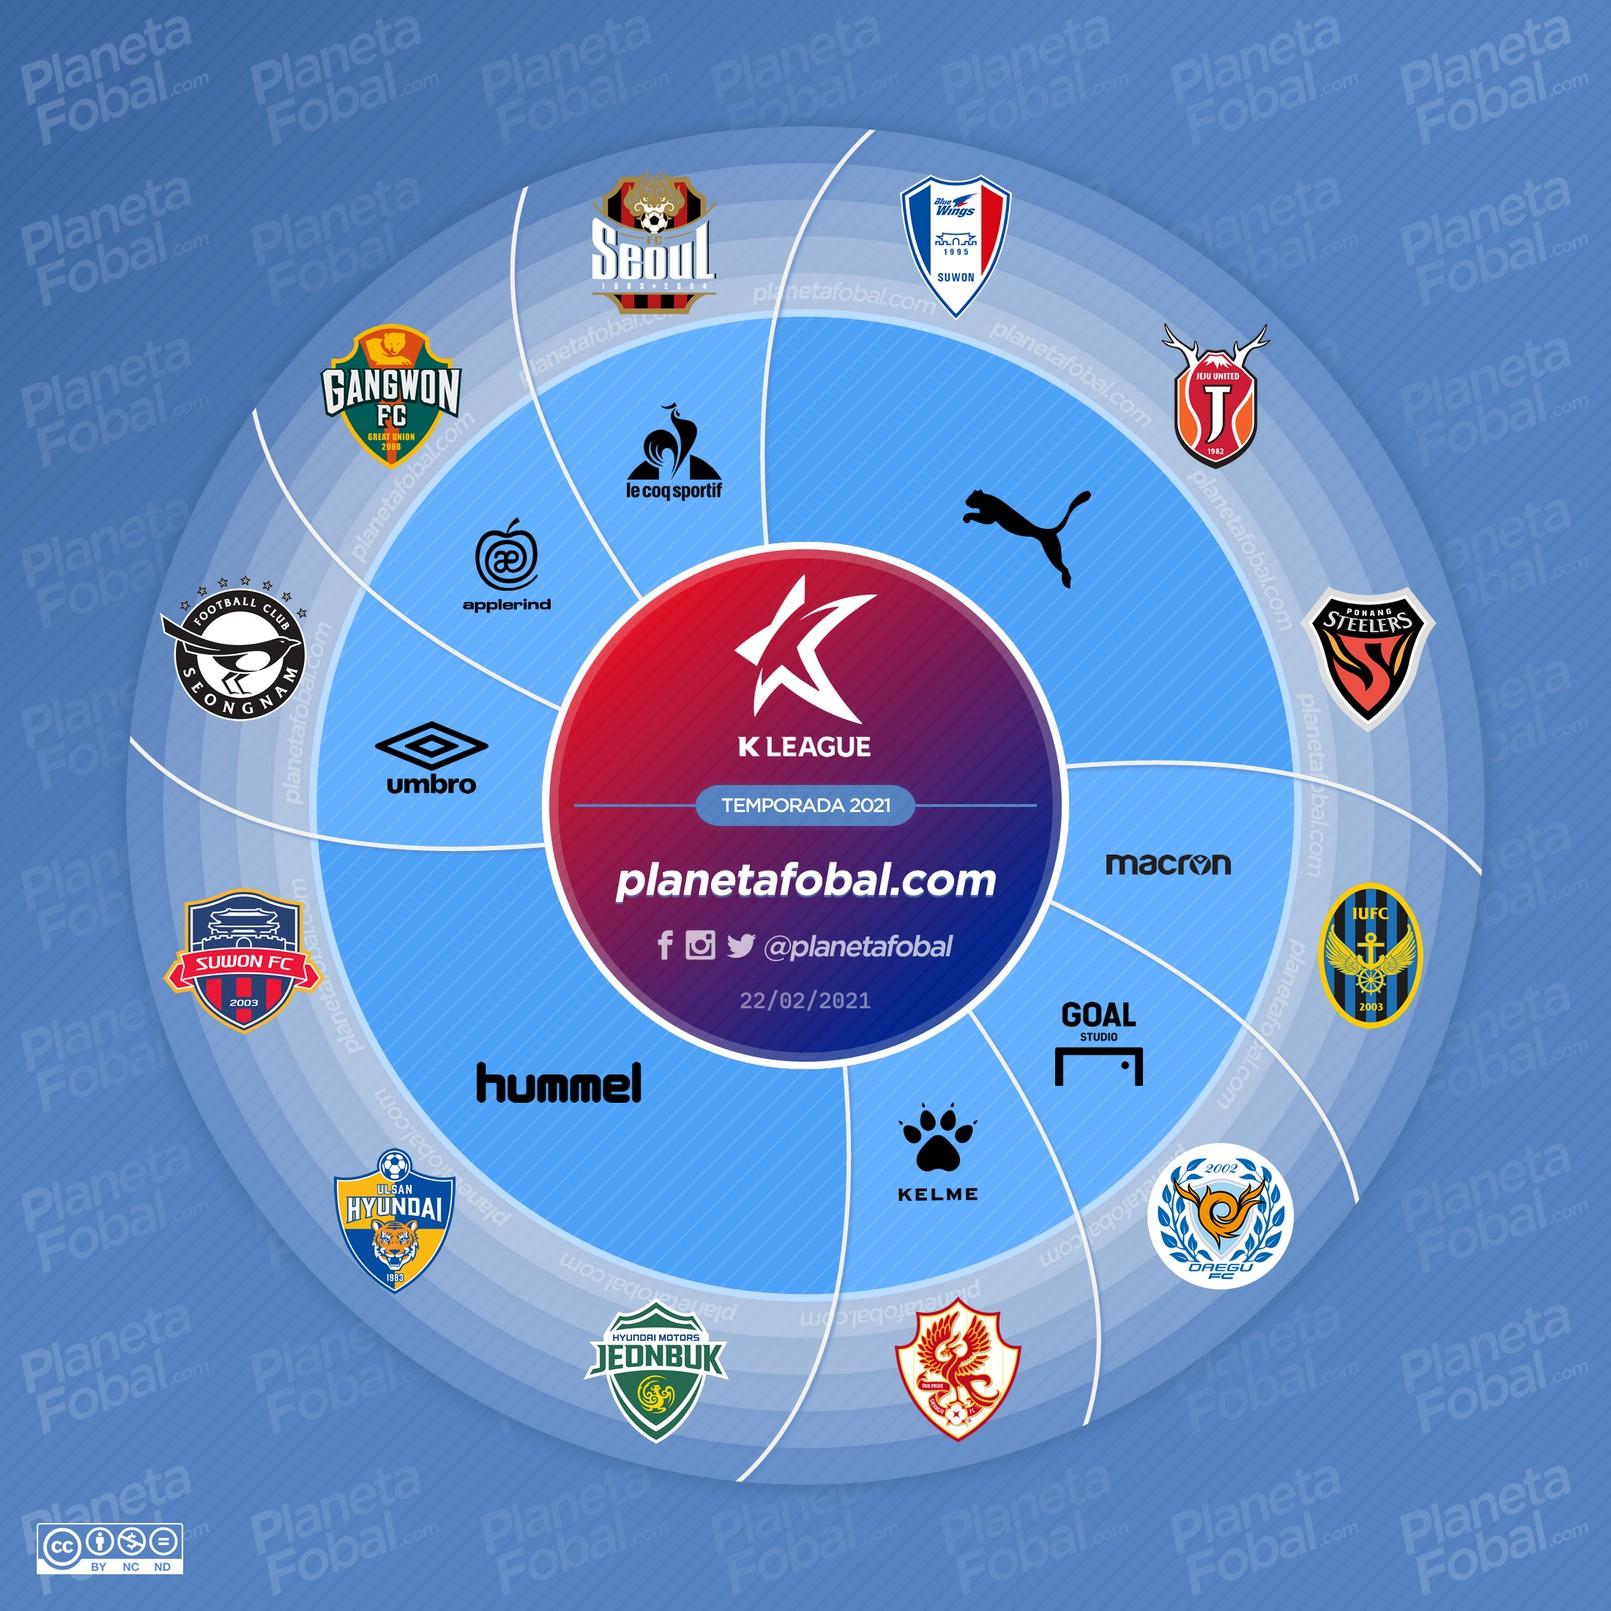 Marcas deportivas de la K League 1 de Corea del Sur 2021